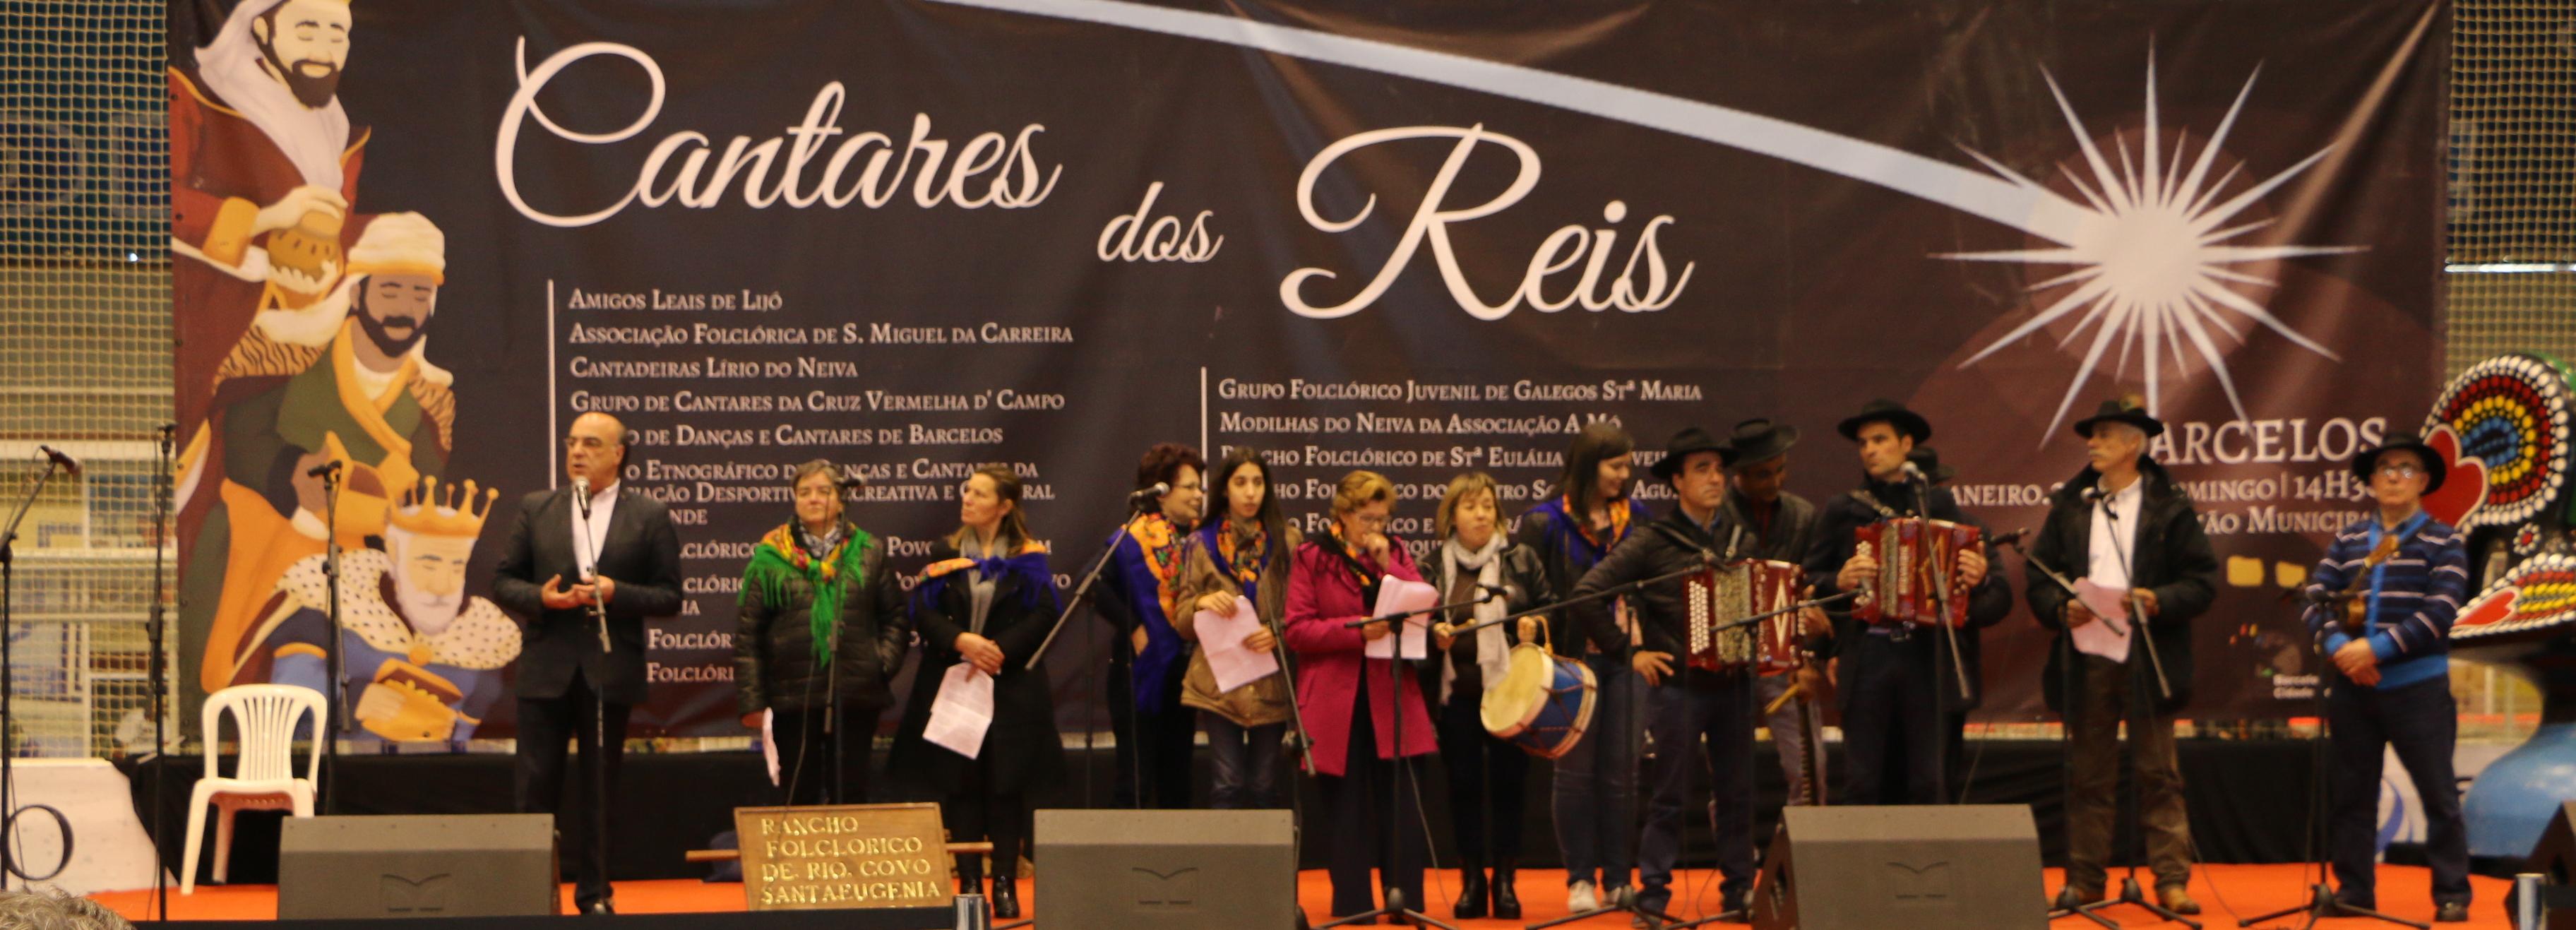 Cantares dos Reis, uma tradição com raízes